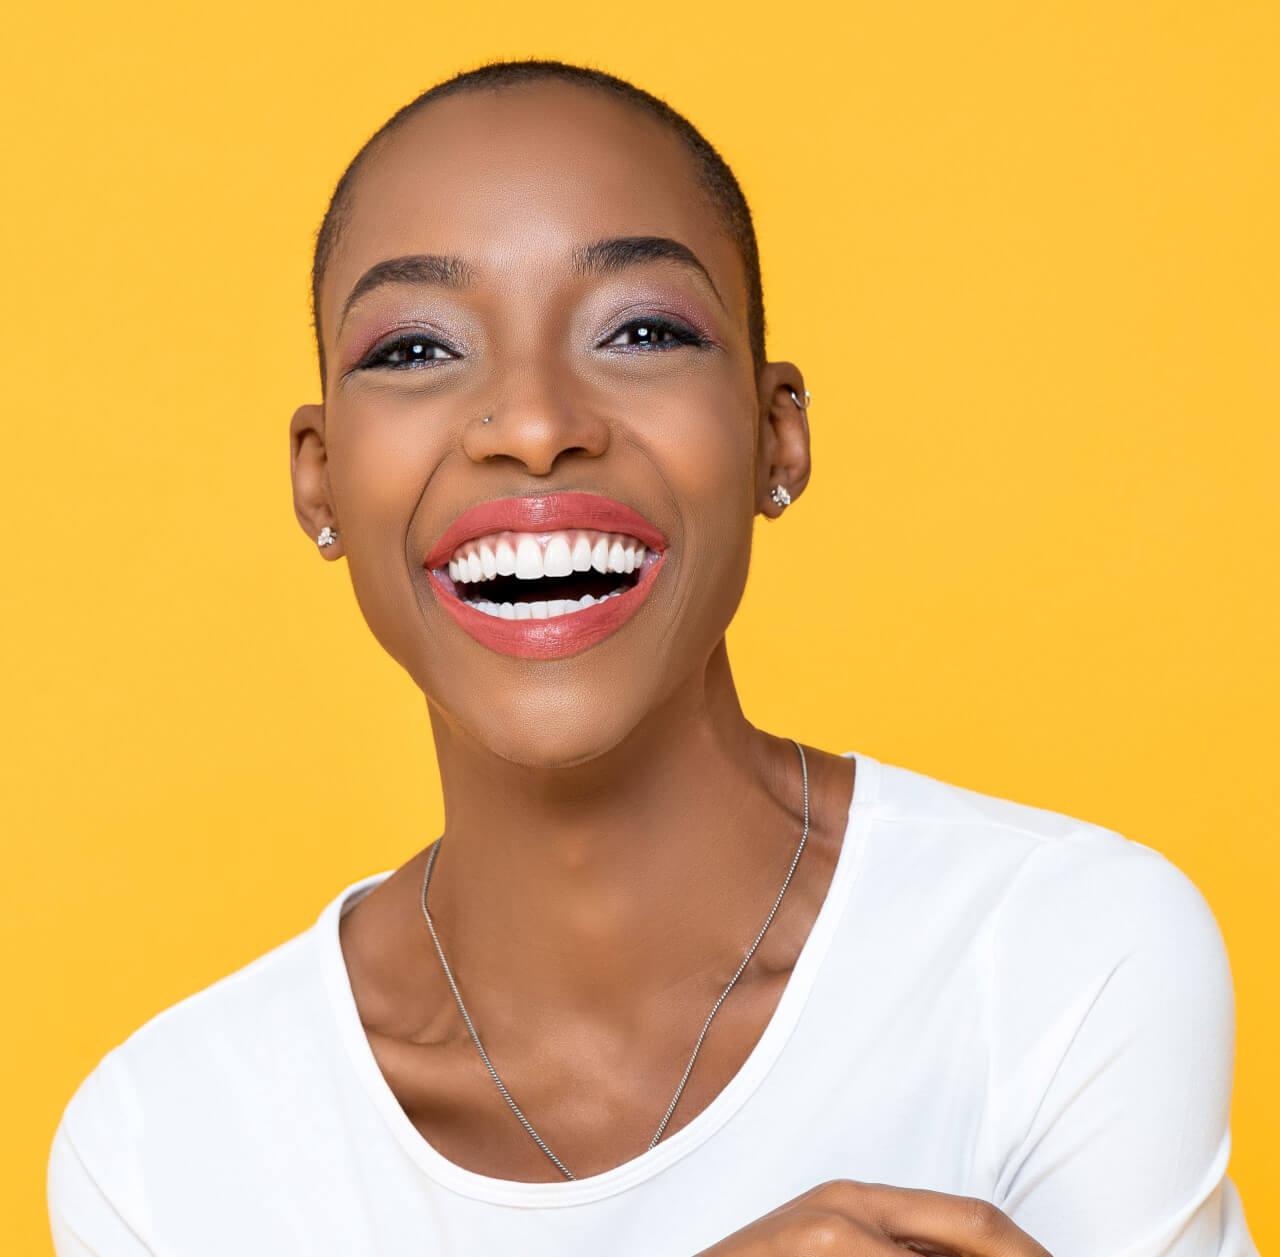 denti bianchi - donna con un sorriso radioso